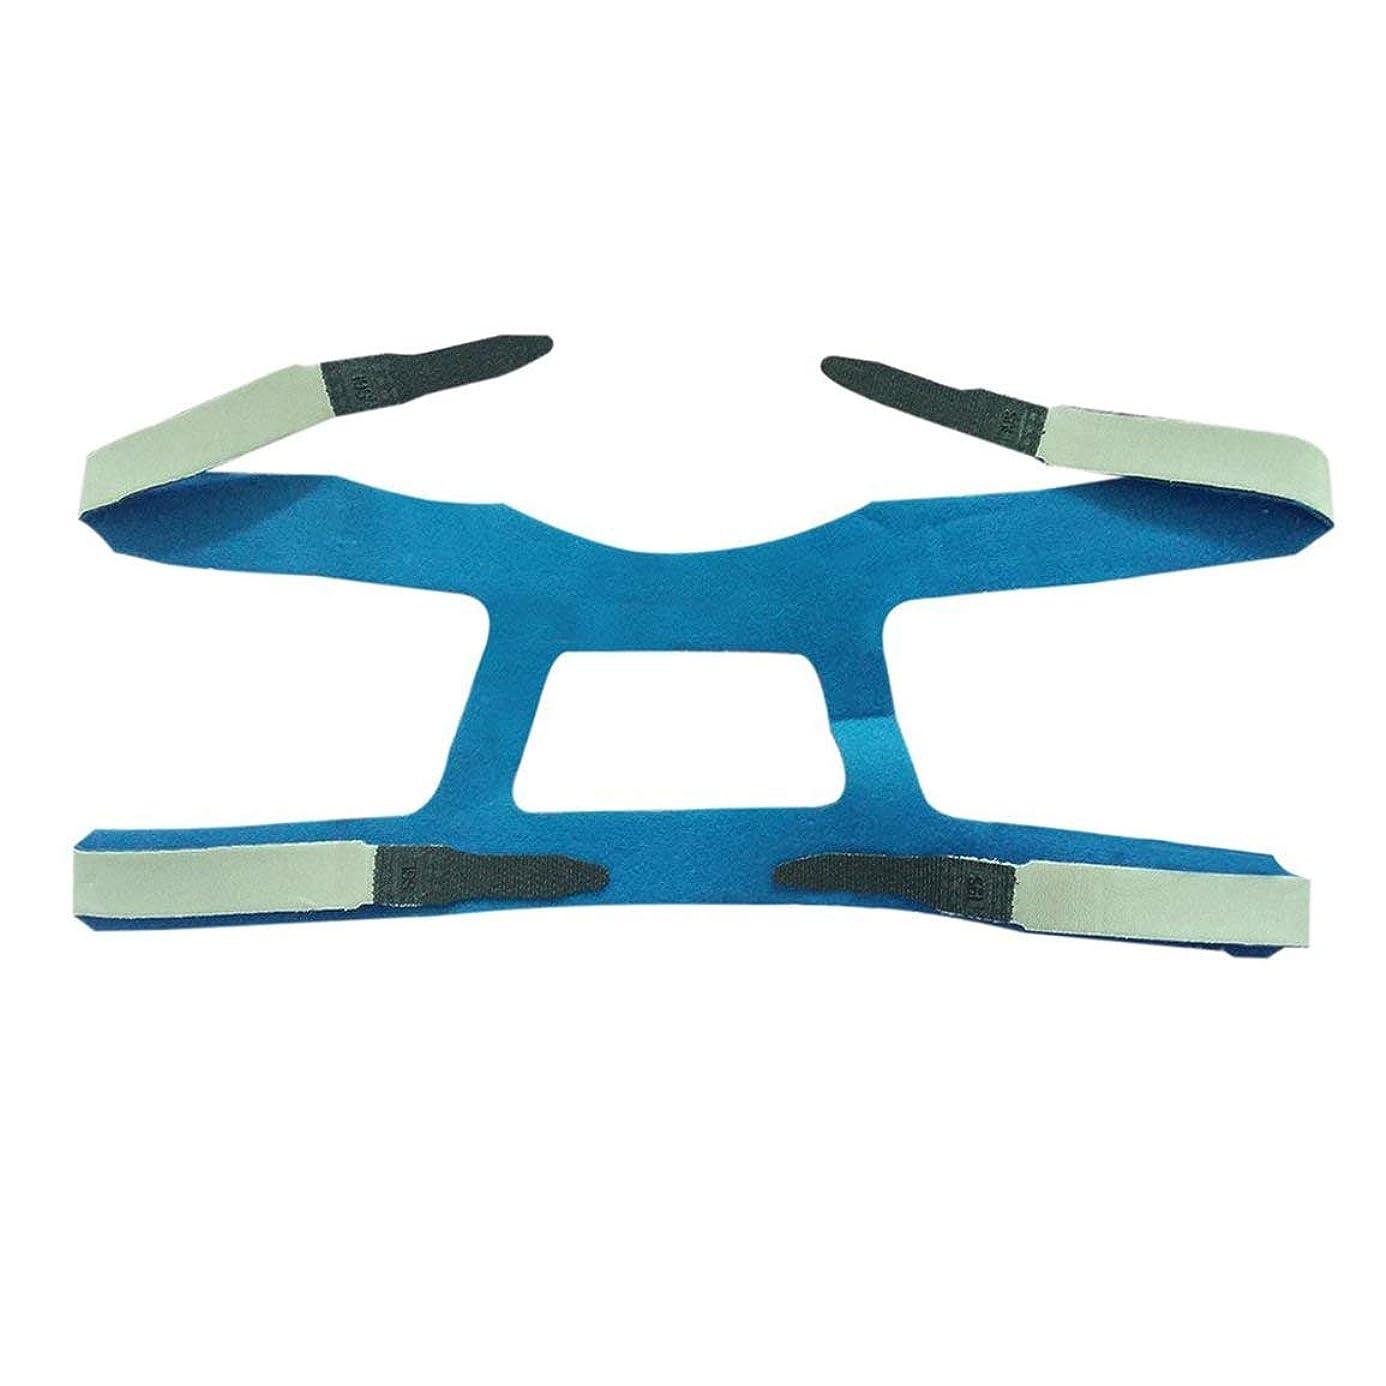 ジャケットファイルフィラデルフィアユニバーサルデザインヘッドギアコンフォートジェルフルマスク安全な環境の交換用CPAPヘッドバンドなしPHILPS - グレー&ブルー